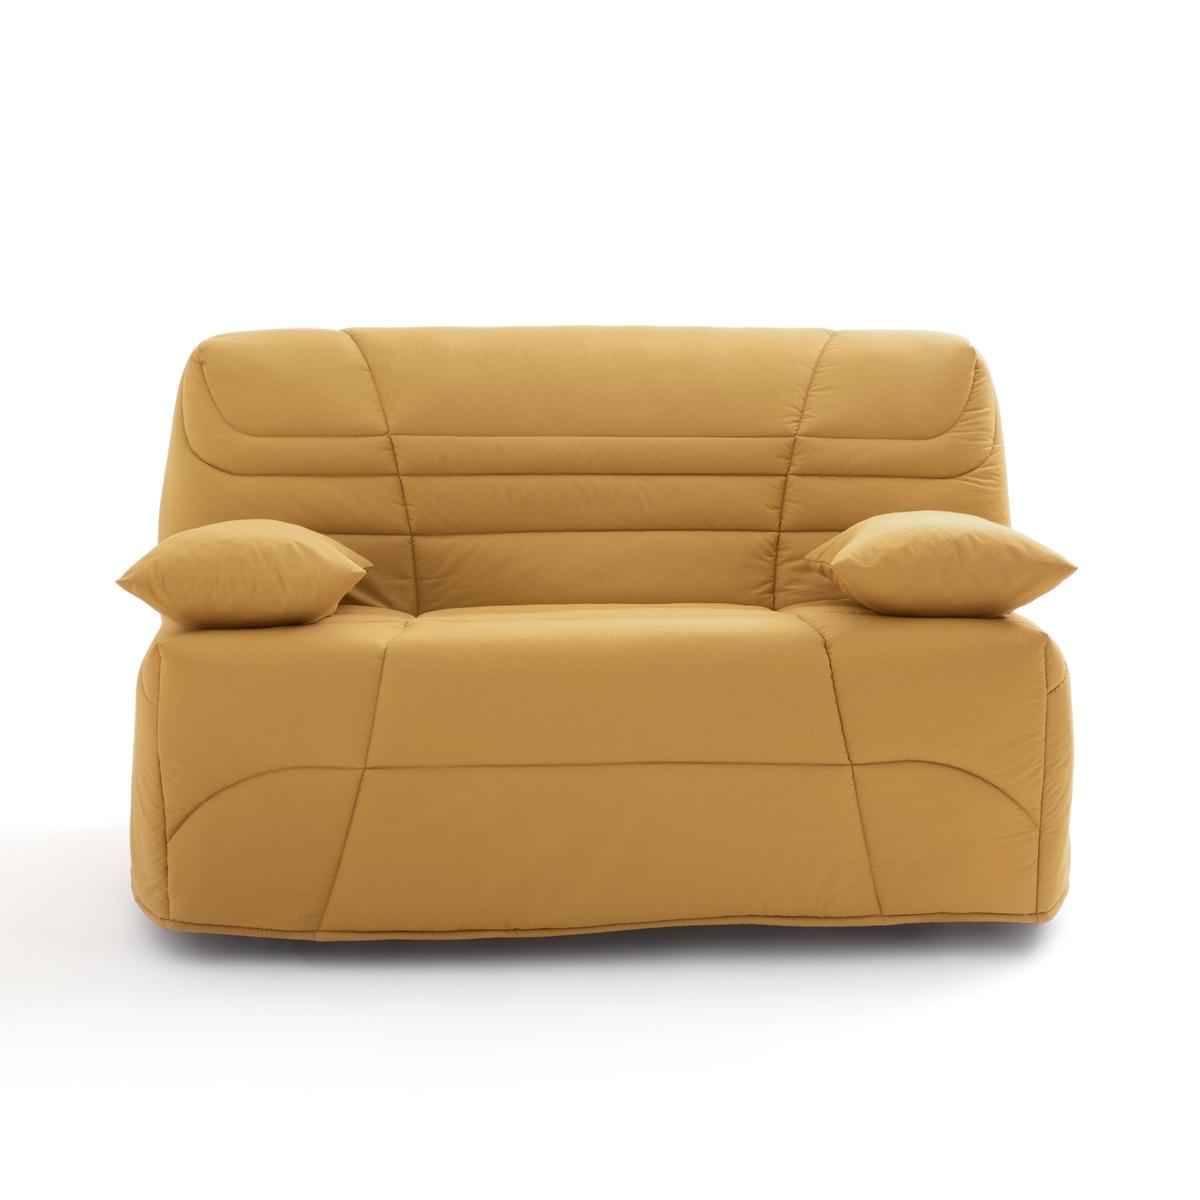 Чехол LaRedoute Для дивана-книжки толщина 14 см усовершенствованная модель 140 x 190 см желтый